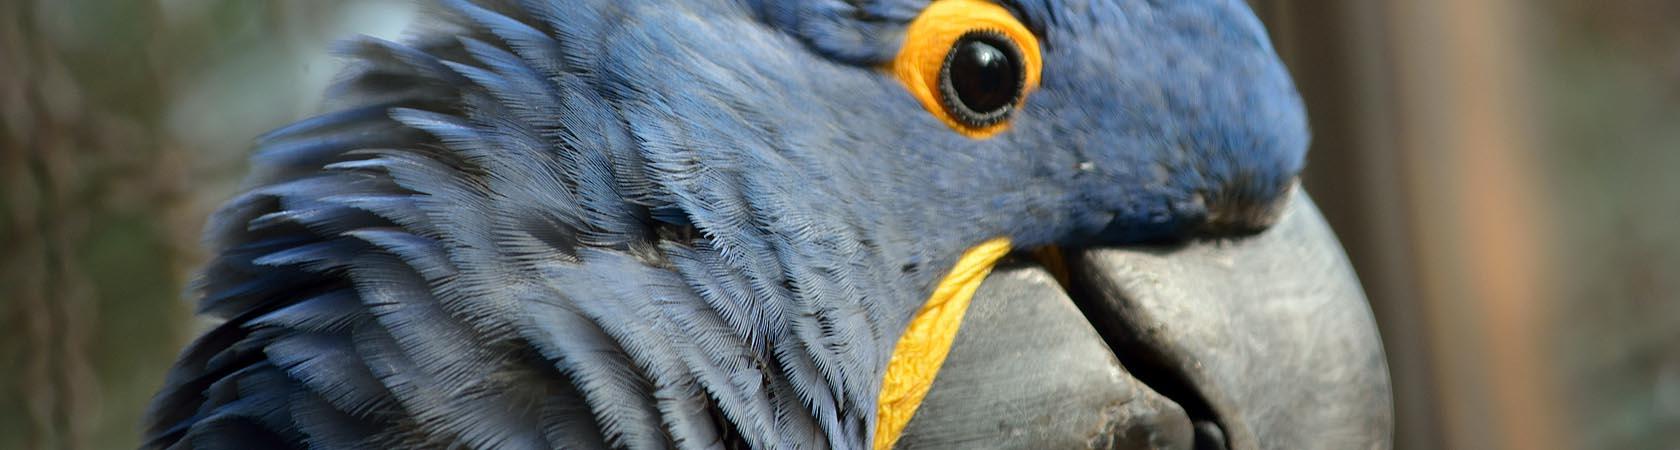 pappagallo-parco-faunistico-le-cornelle01